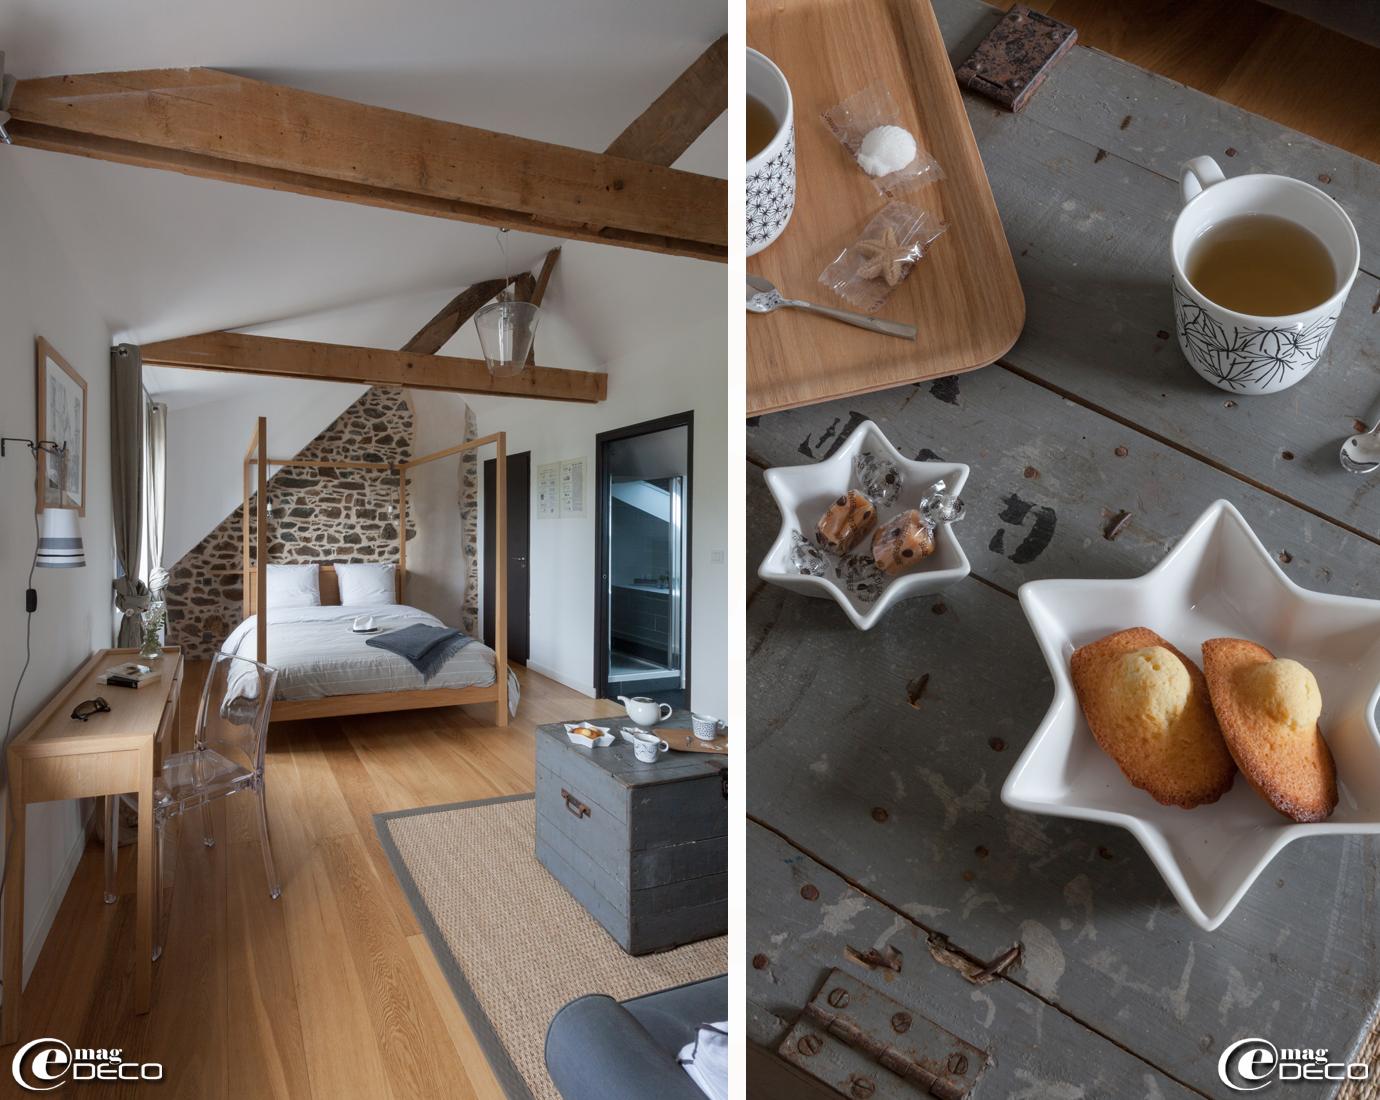 Lit à baldaquin 'Habitat', théière 'Forlife' et tasses 'Ikea'